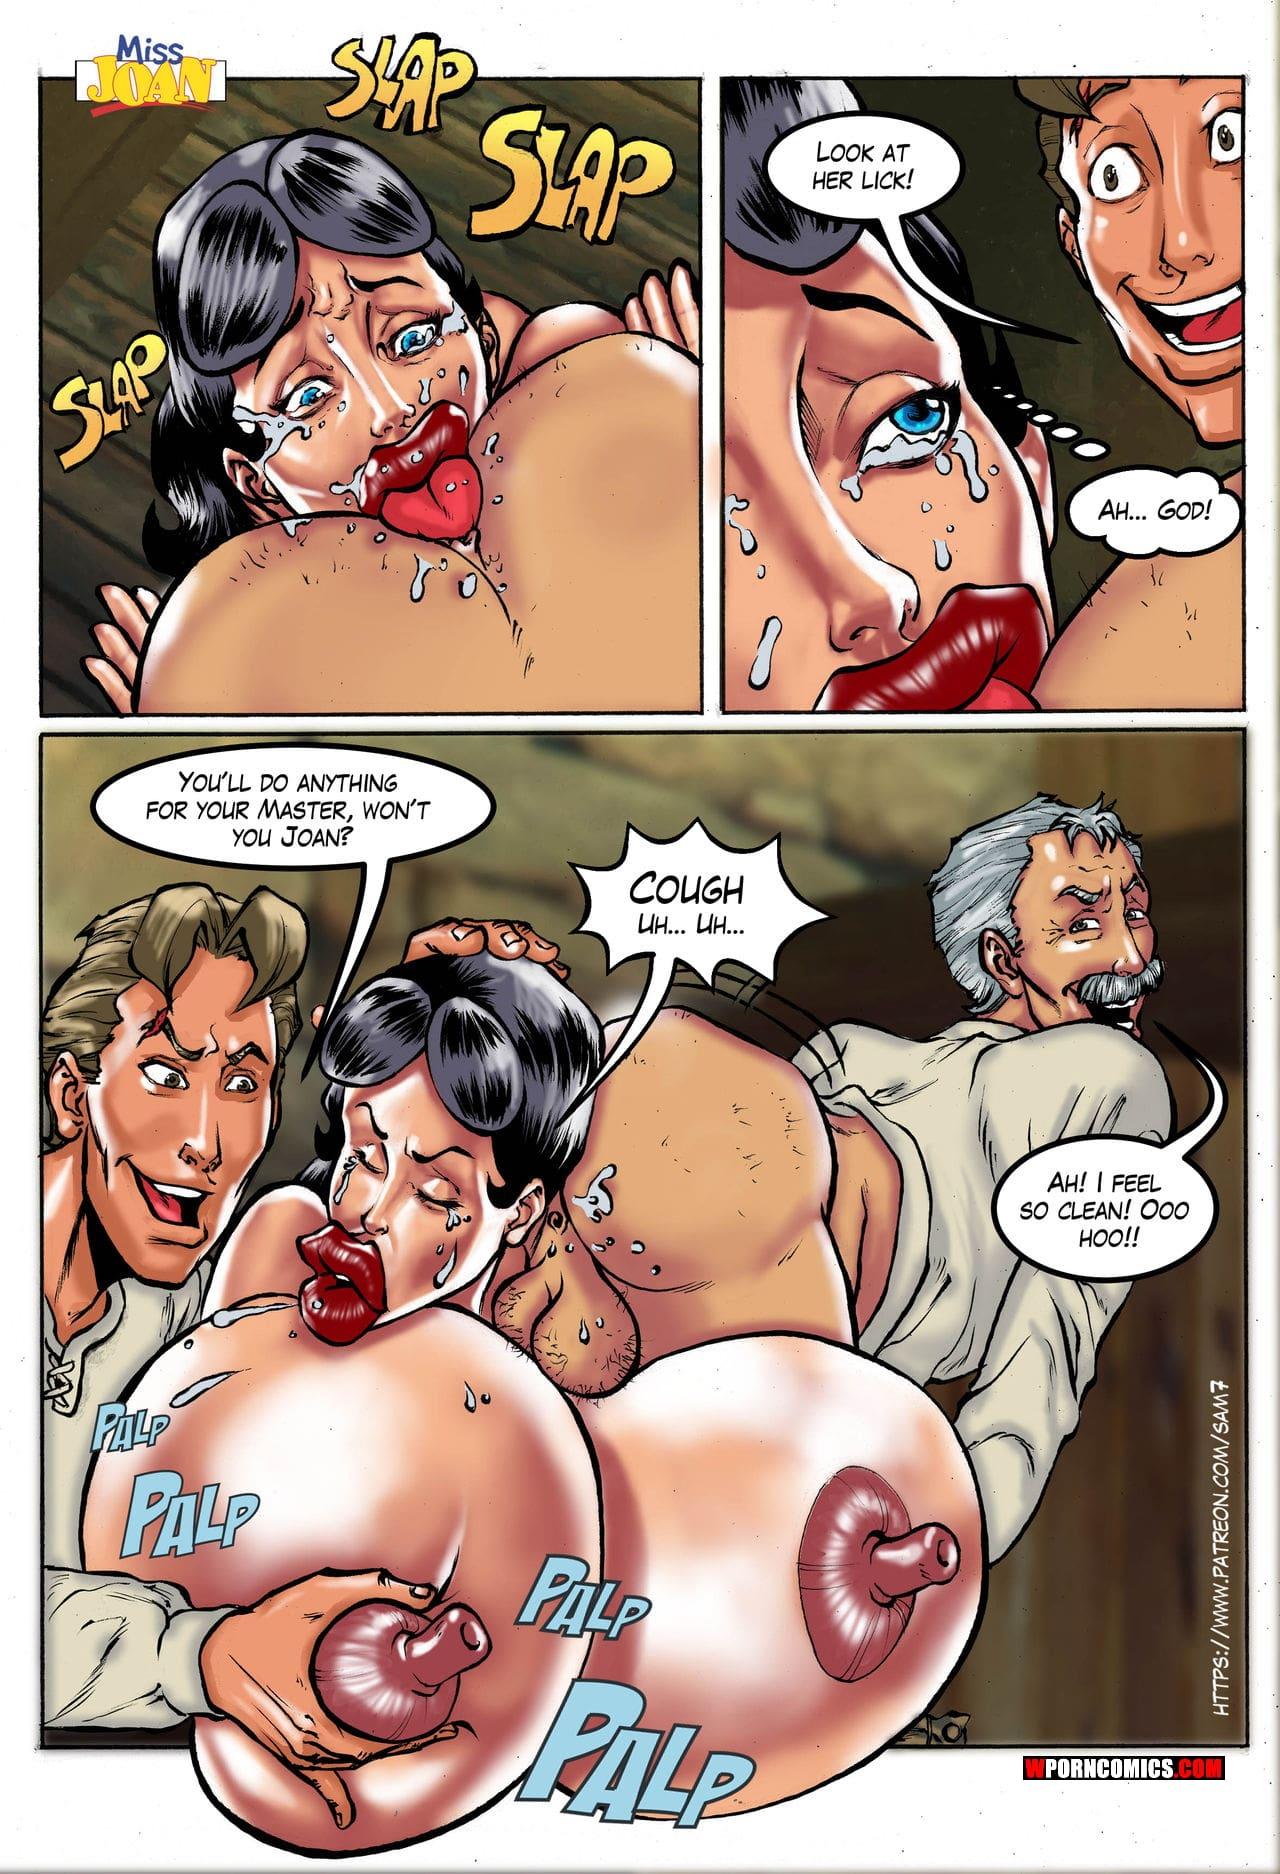 porn-comic-undressed-day-4-2020-03-03/porn-comic-undressed-day-4-2020-03-03-45029.jpg